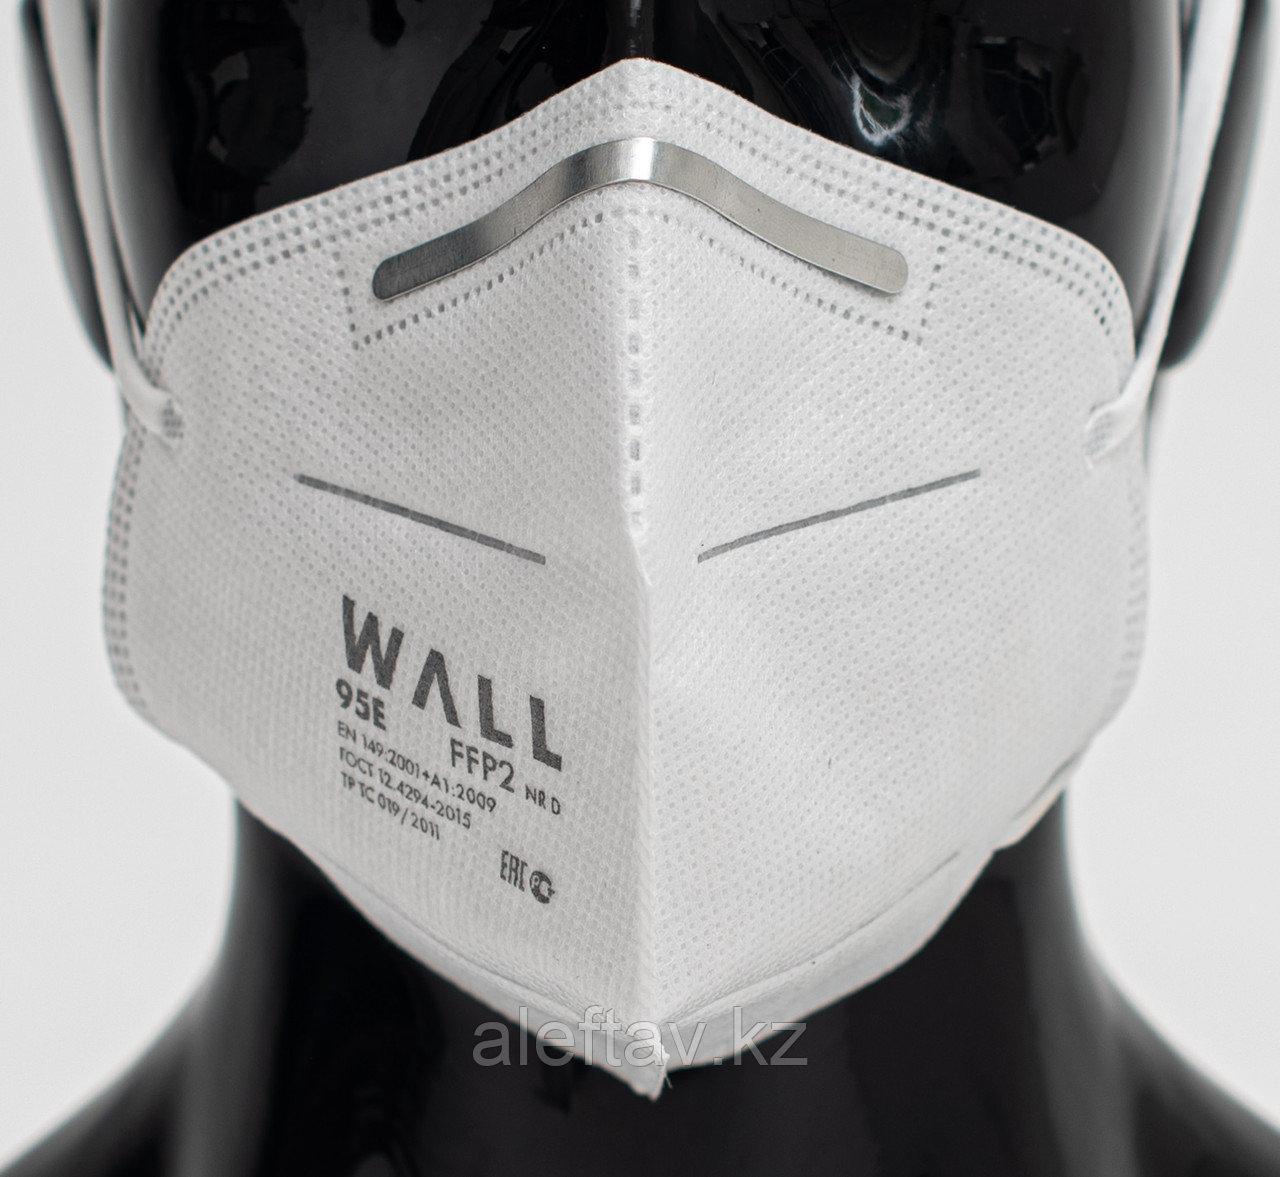 Wall95 E  Полумаска  фильтрующая  (респиратор  противоаэрозоль ный ) без клапана